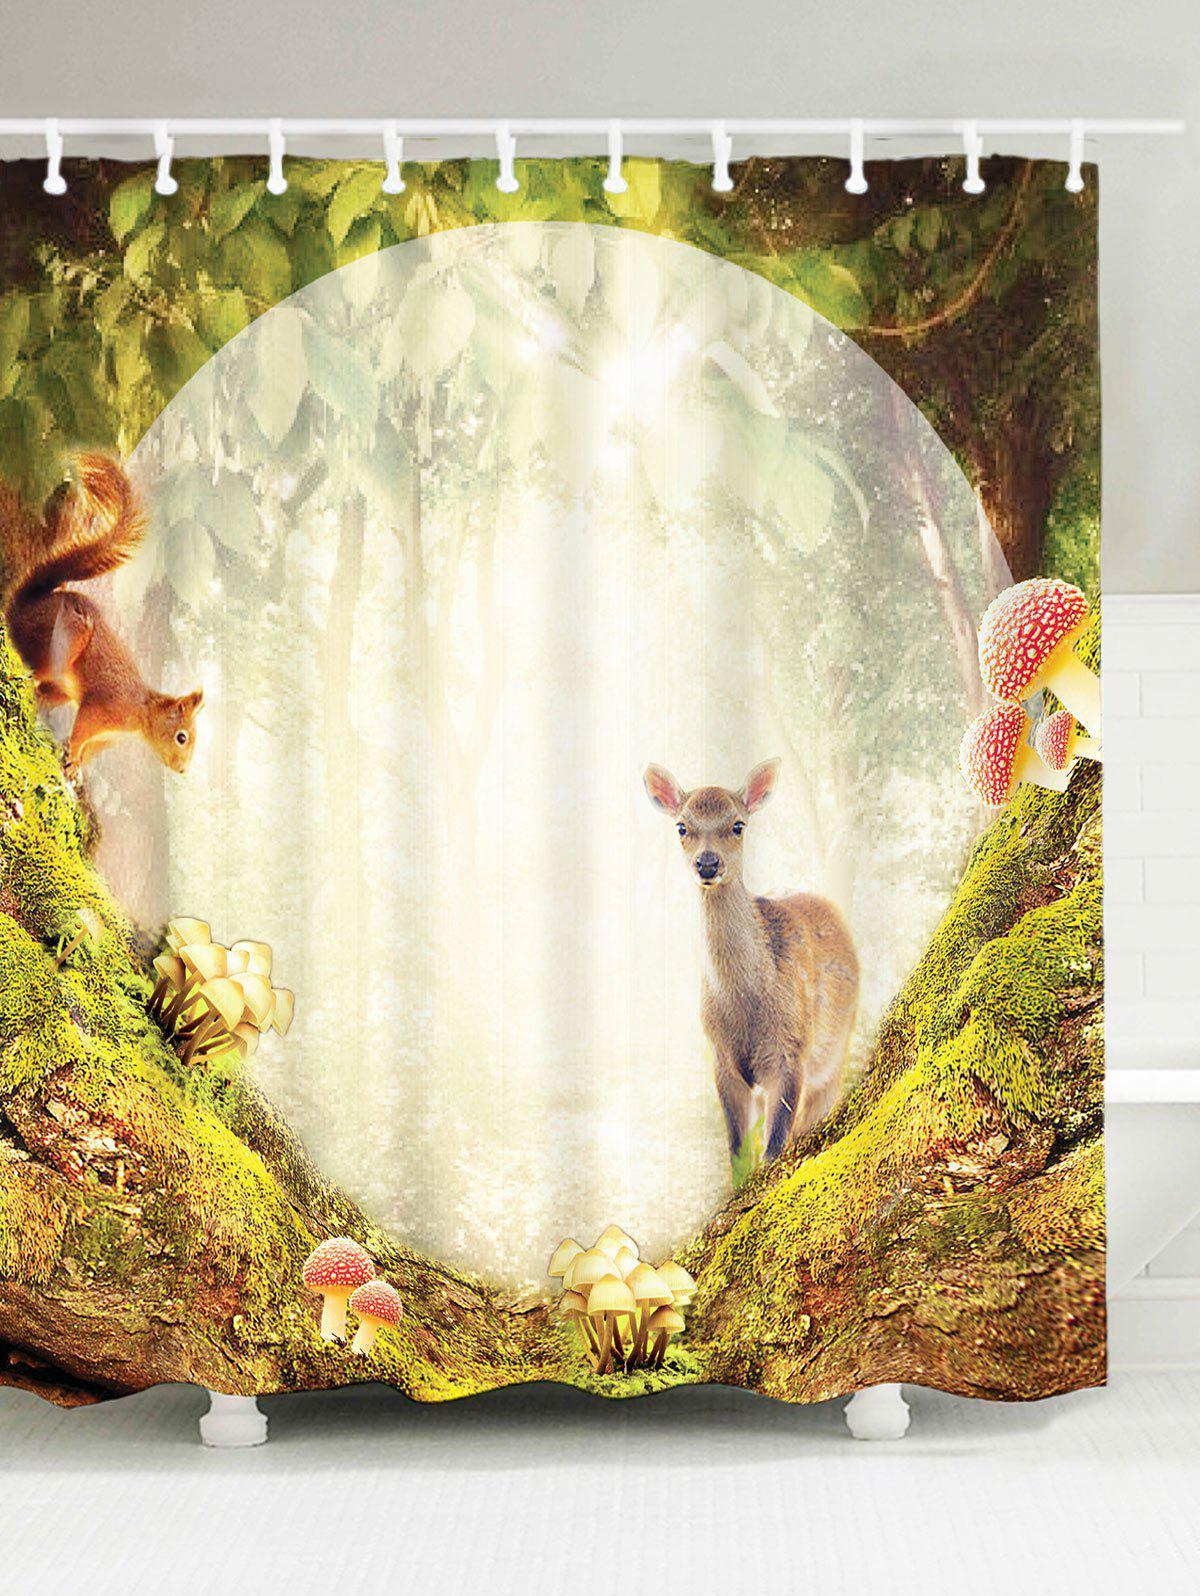 Rideau de douche en mouton pour jardin secrète imperméable à l'eau